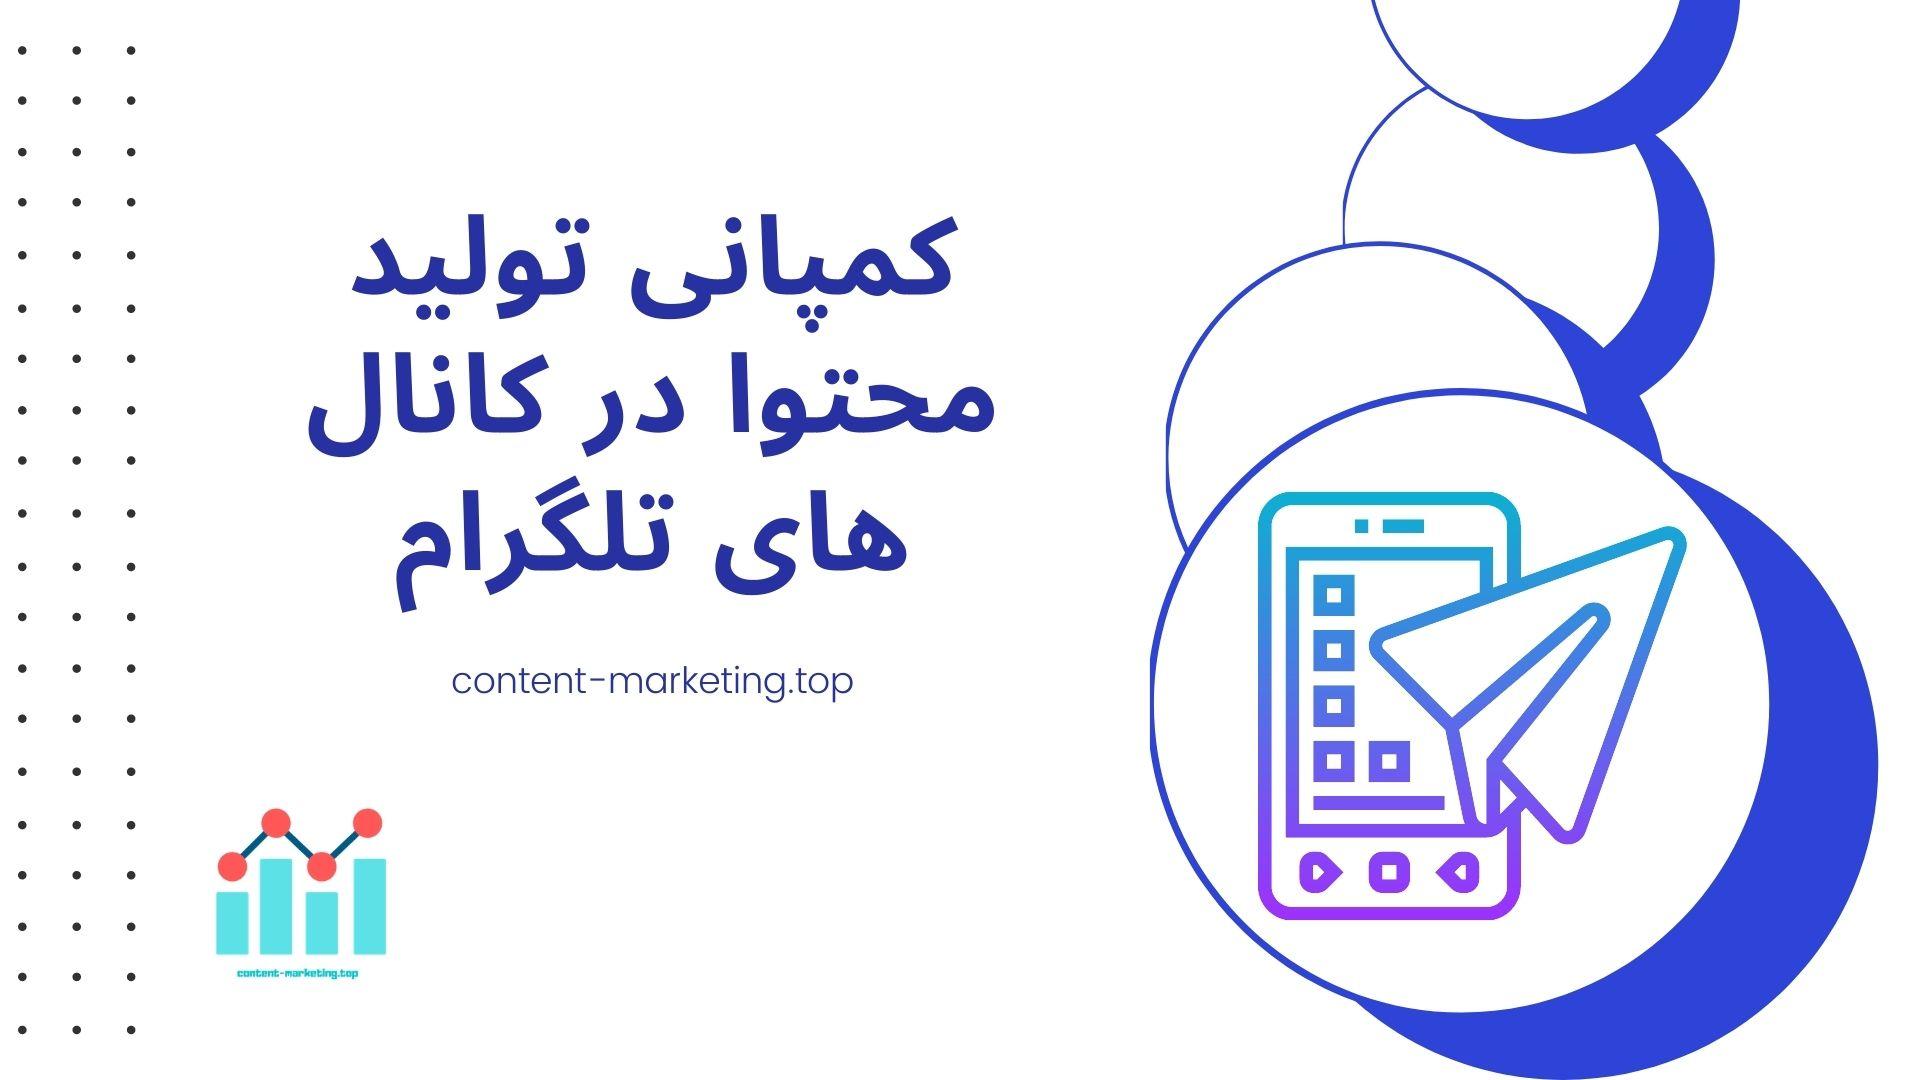 کمپانی تولید محتوا در کانال های تلگرام